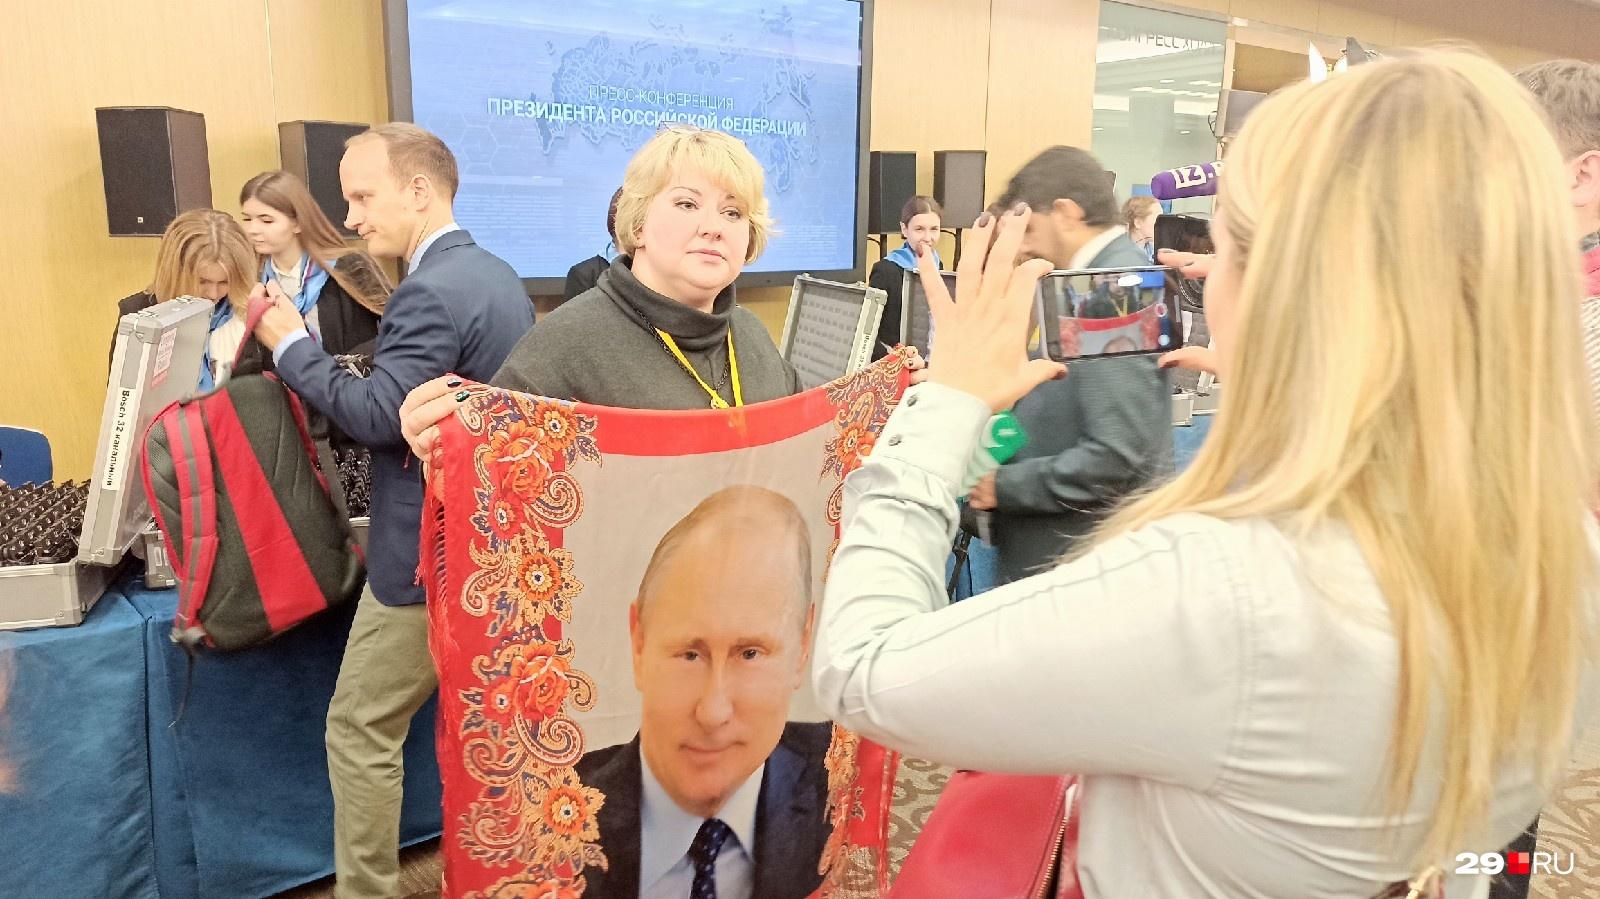 Ну как тут не вспомнить Якубовича?Журналистка из Павловского Посада Анна Сумица привезла президенту вот такой платок